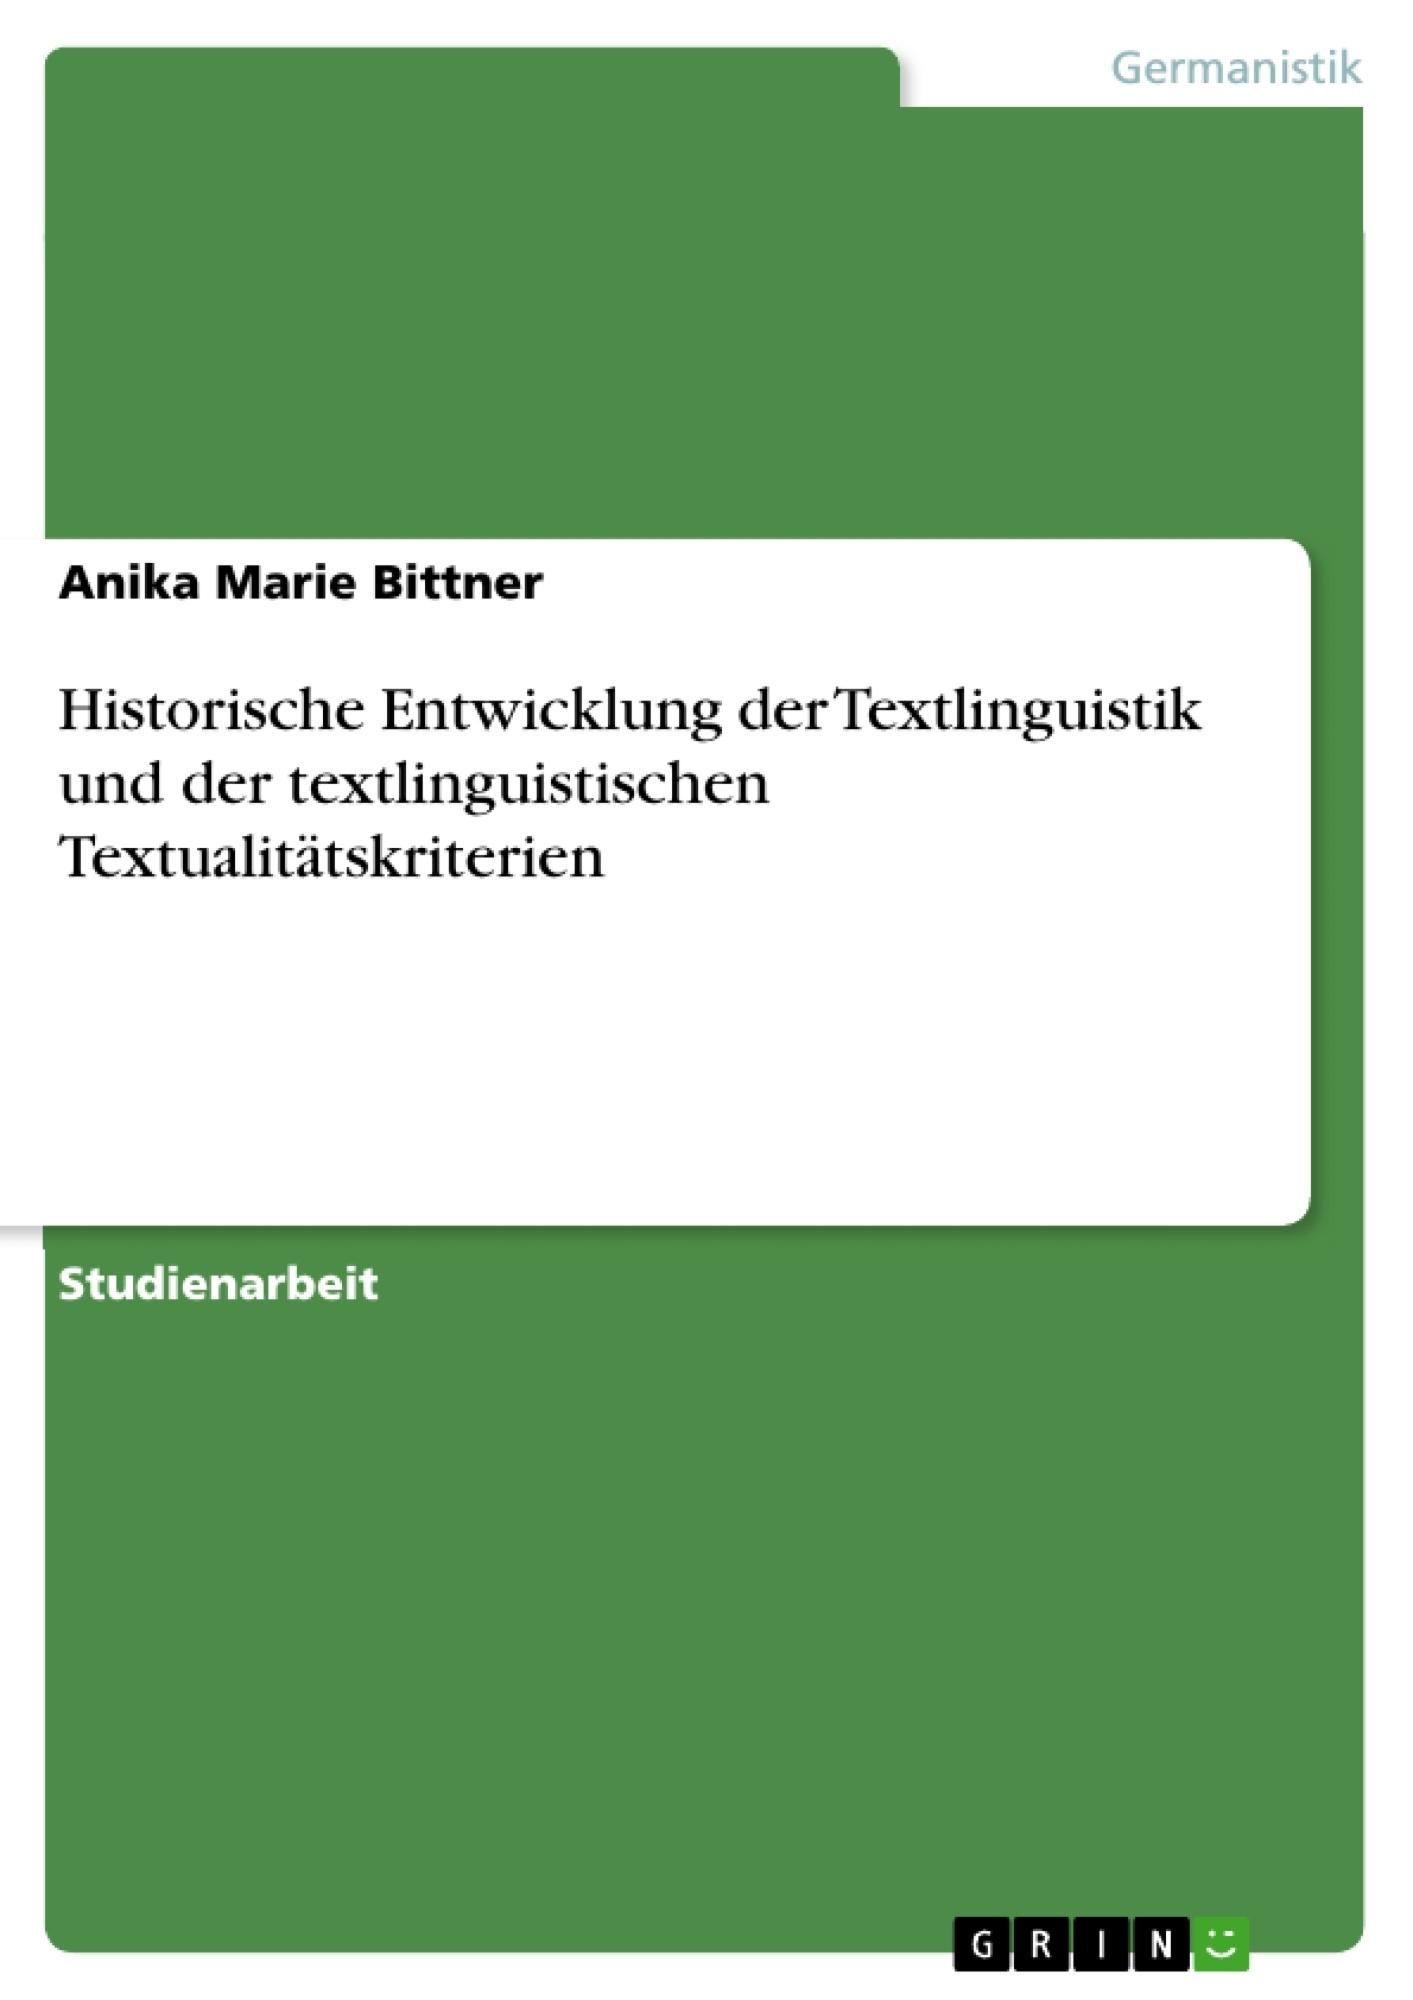 Titel: Historische Entwicklung der Textlinguistik und der textlinguistischen Textualitätskriterien